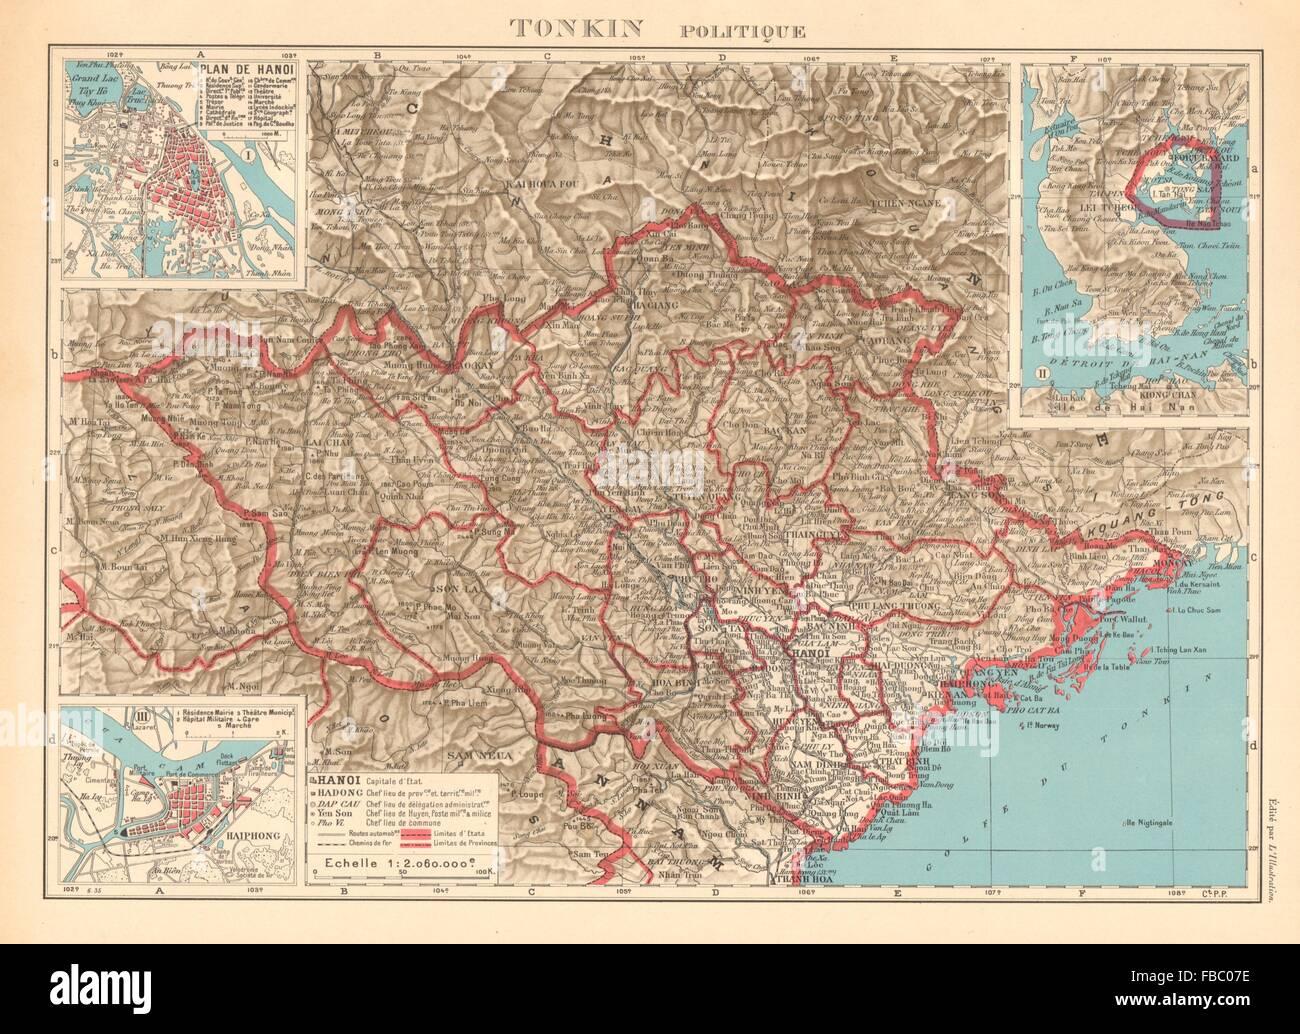 Tonkin French Indochina Indochine Vietnam Hanoi Haiphong City